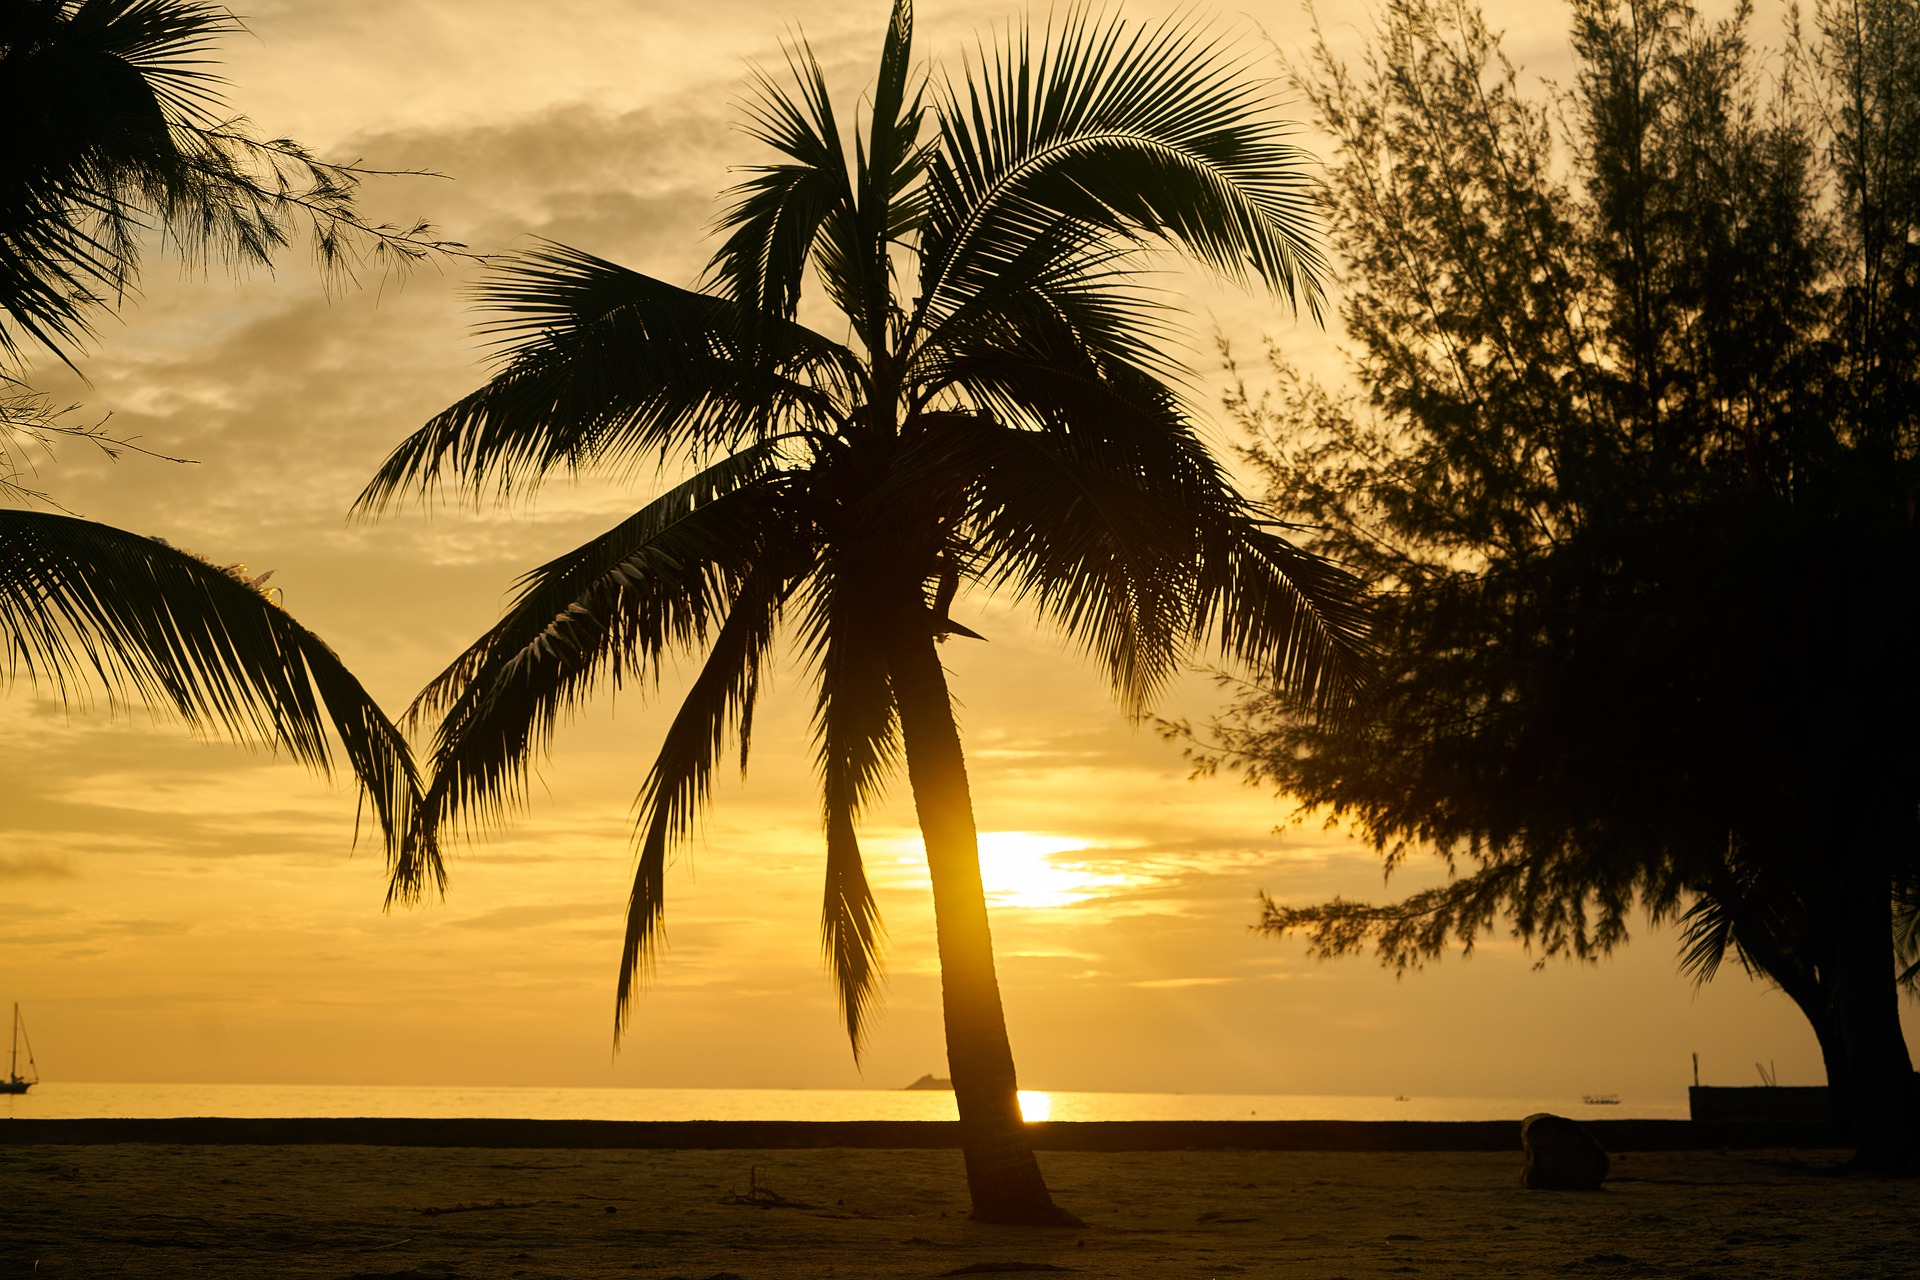 Sonnenuntergang im Urlaub